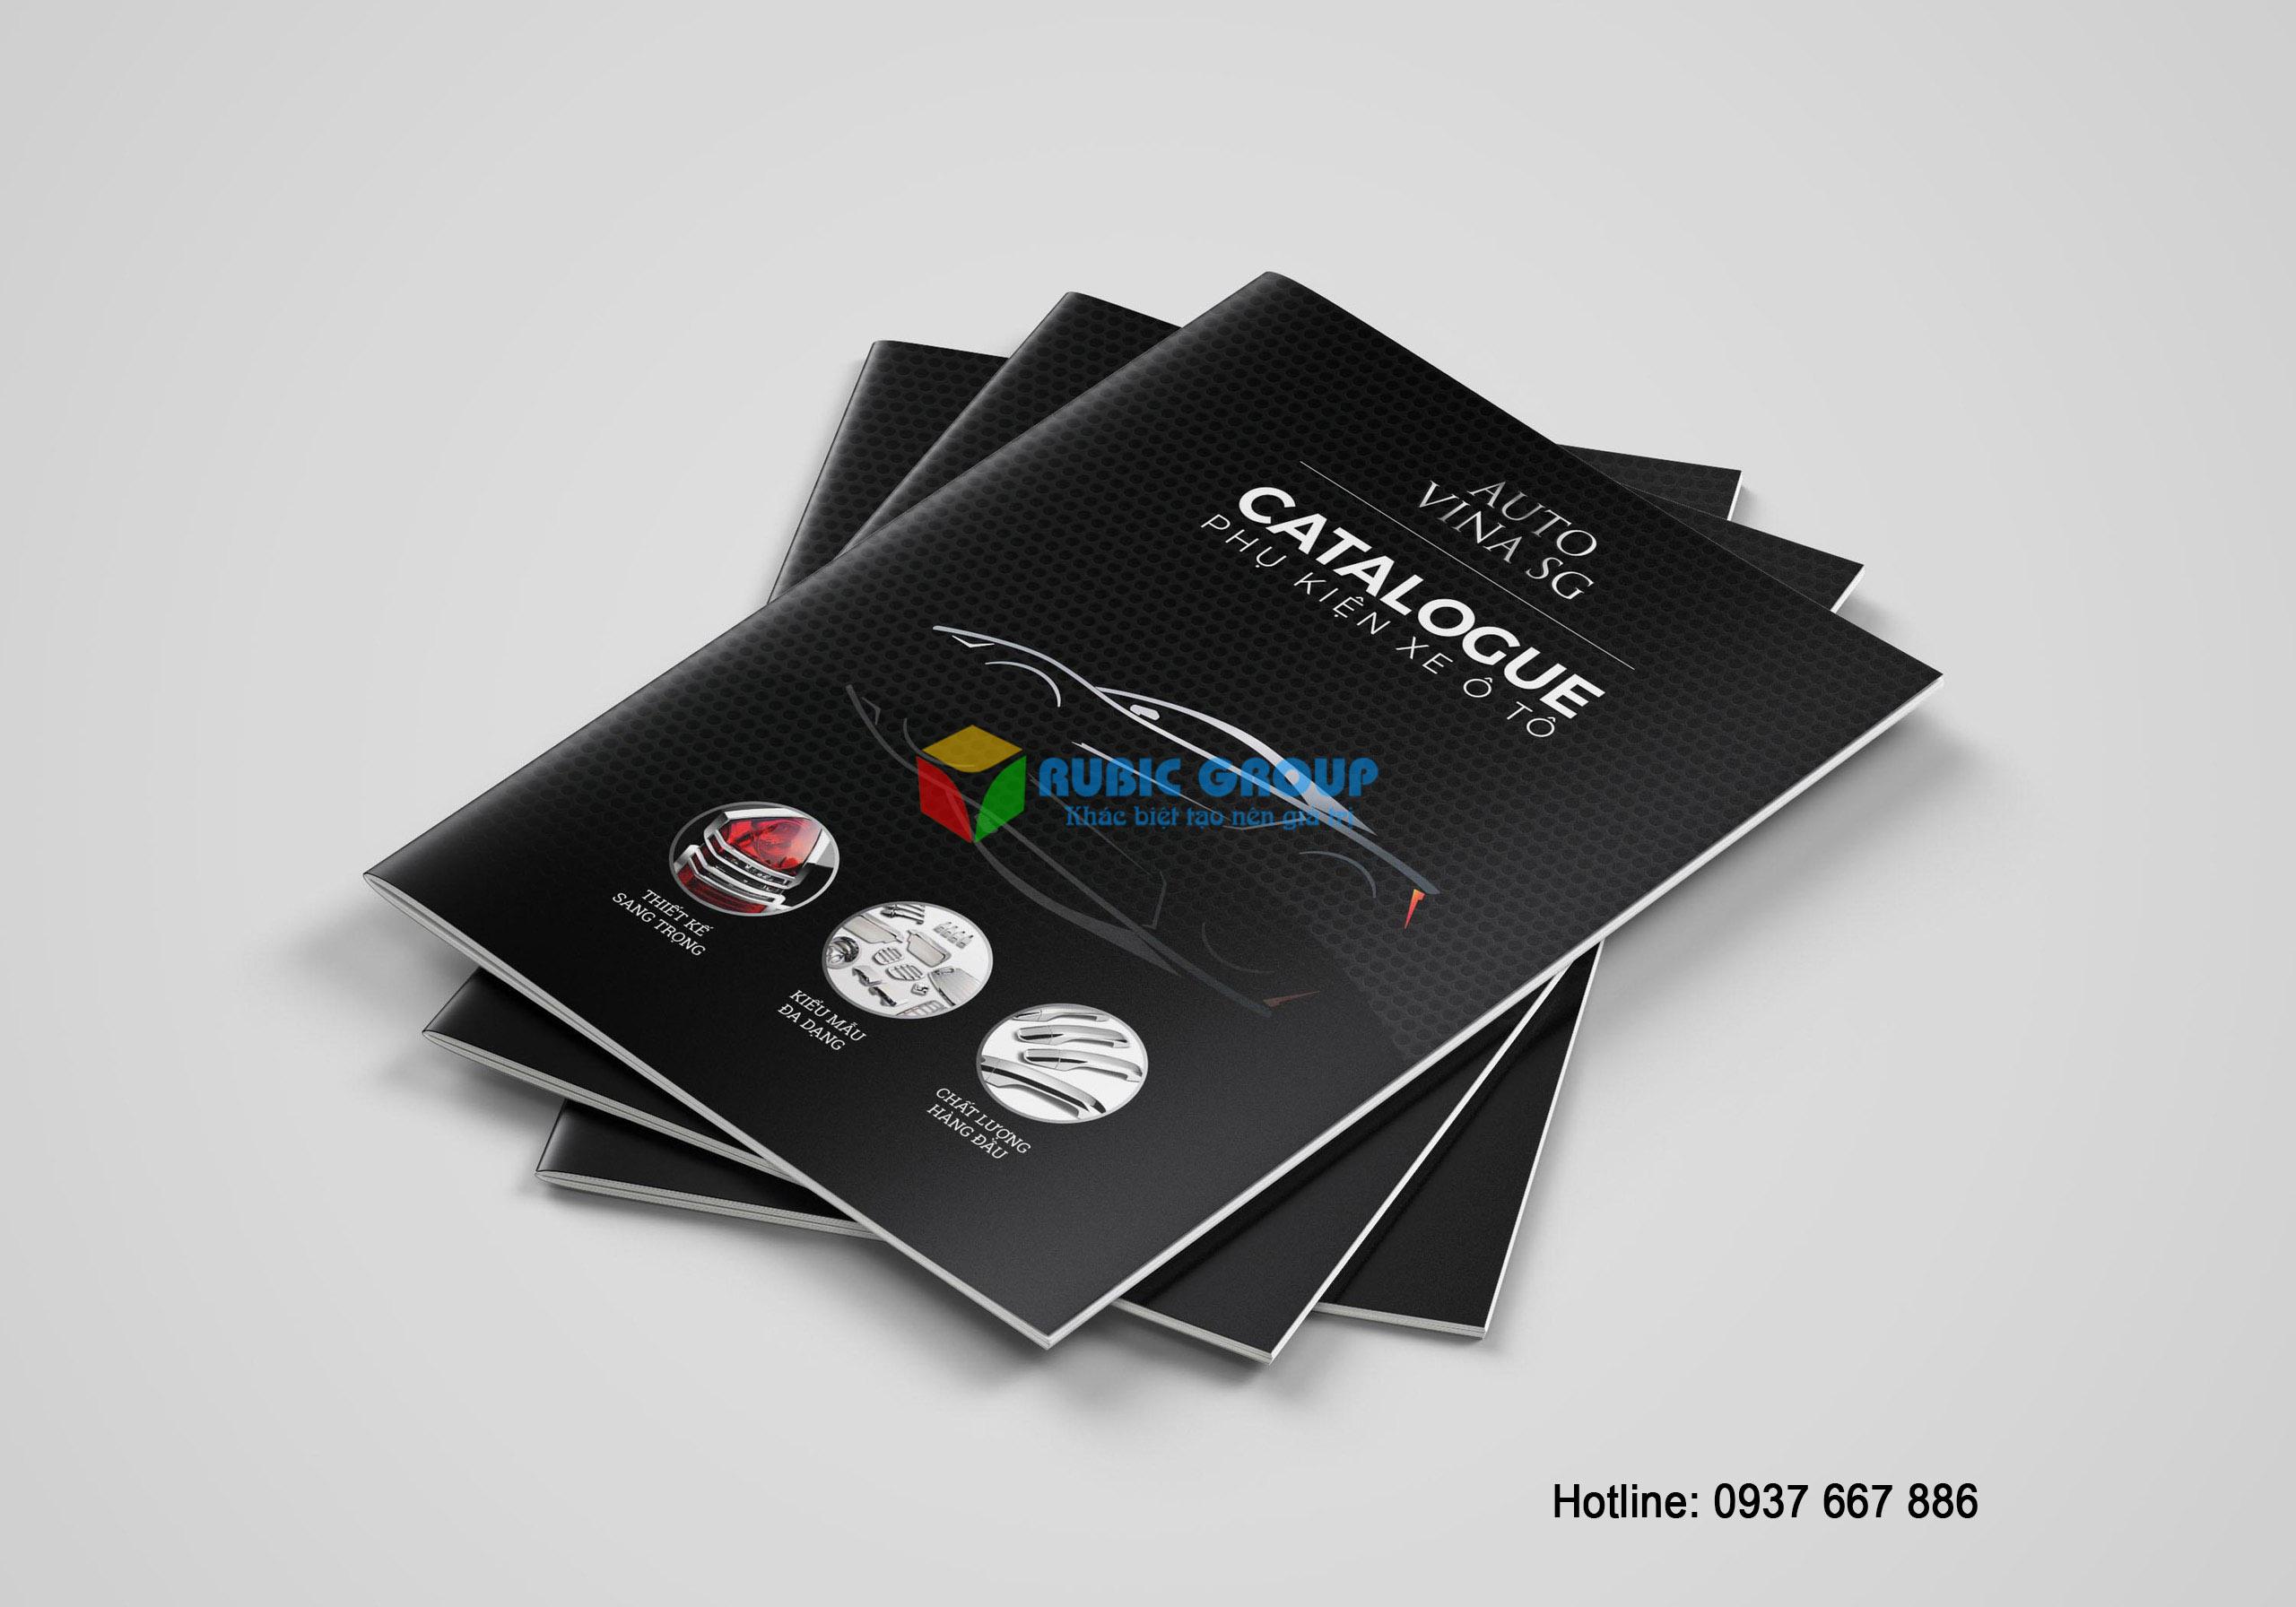 thiết kế catalogue phụ kiện ô tô tại tphcm 2